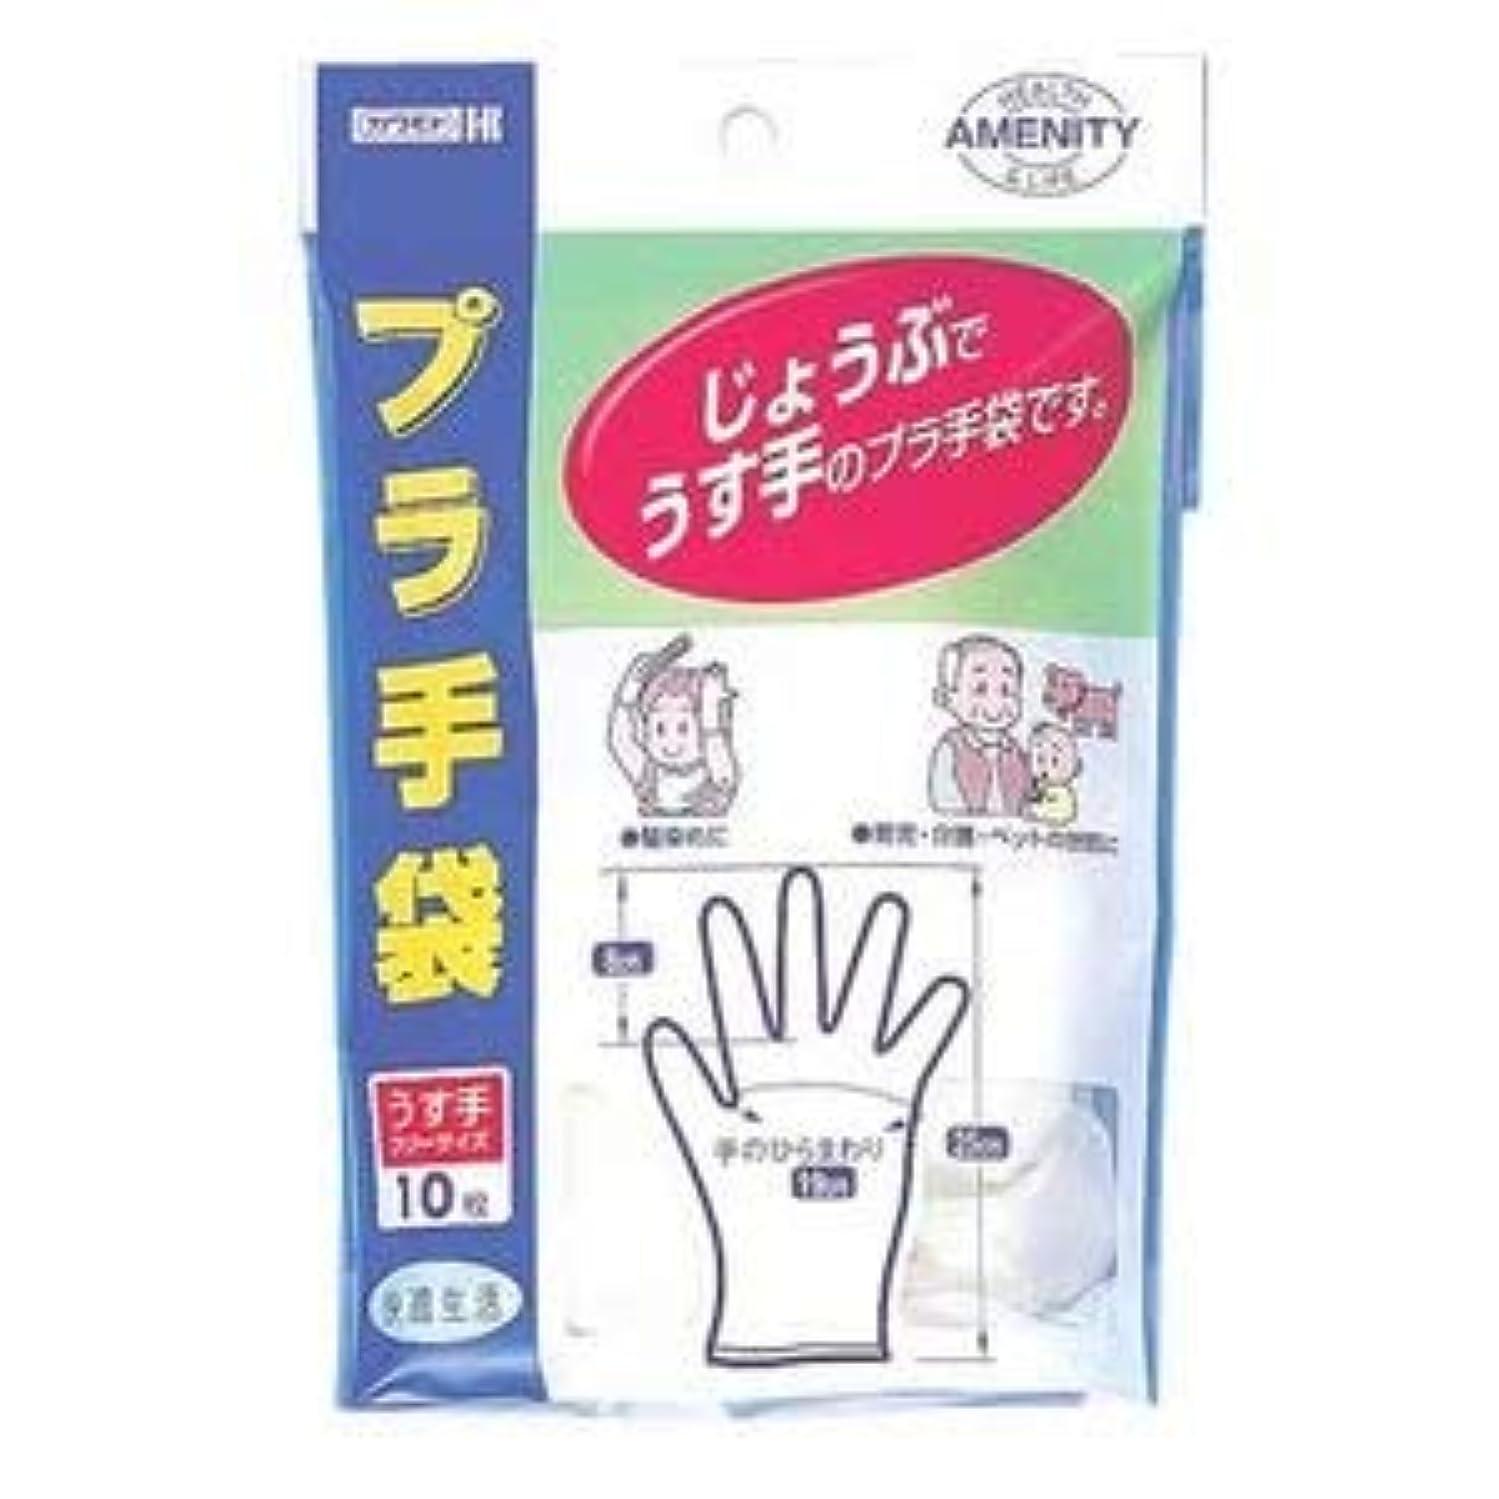 アッパーガイダンス異なるカワモト プラ手袋 10枚 ×6個